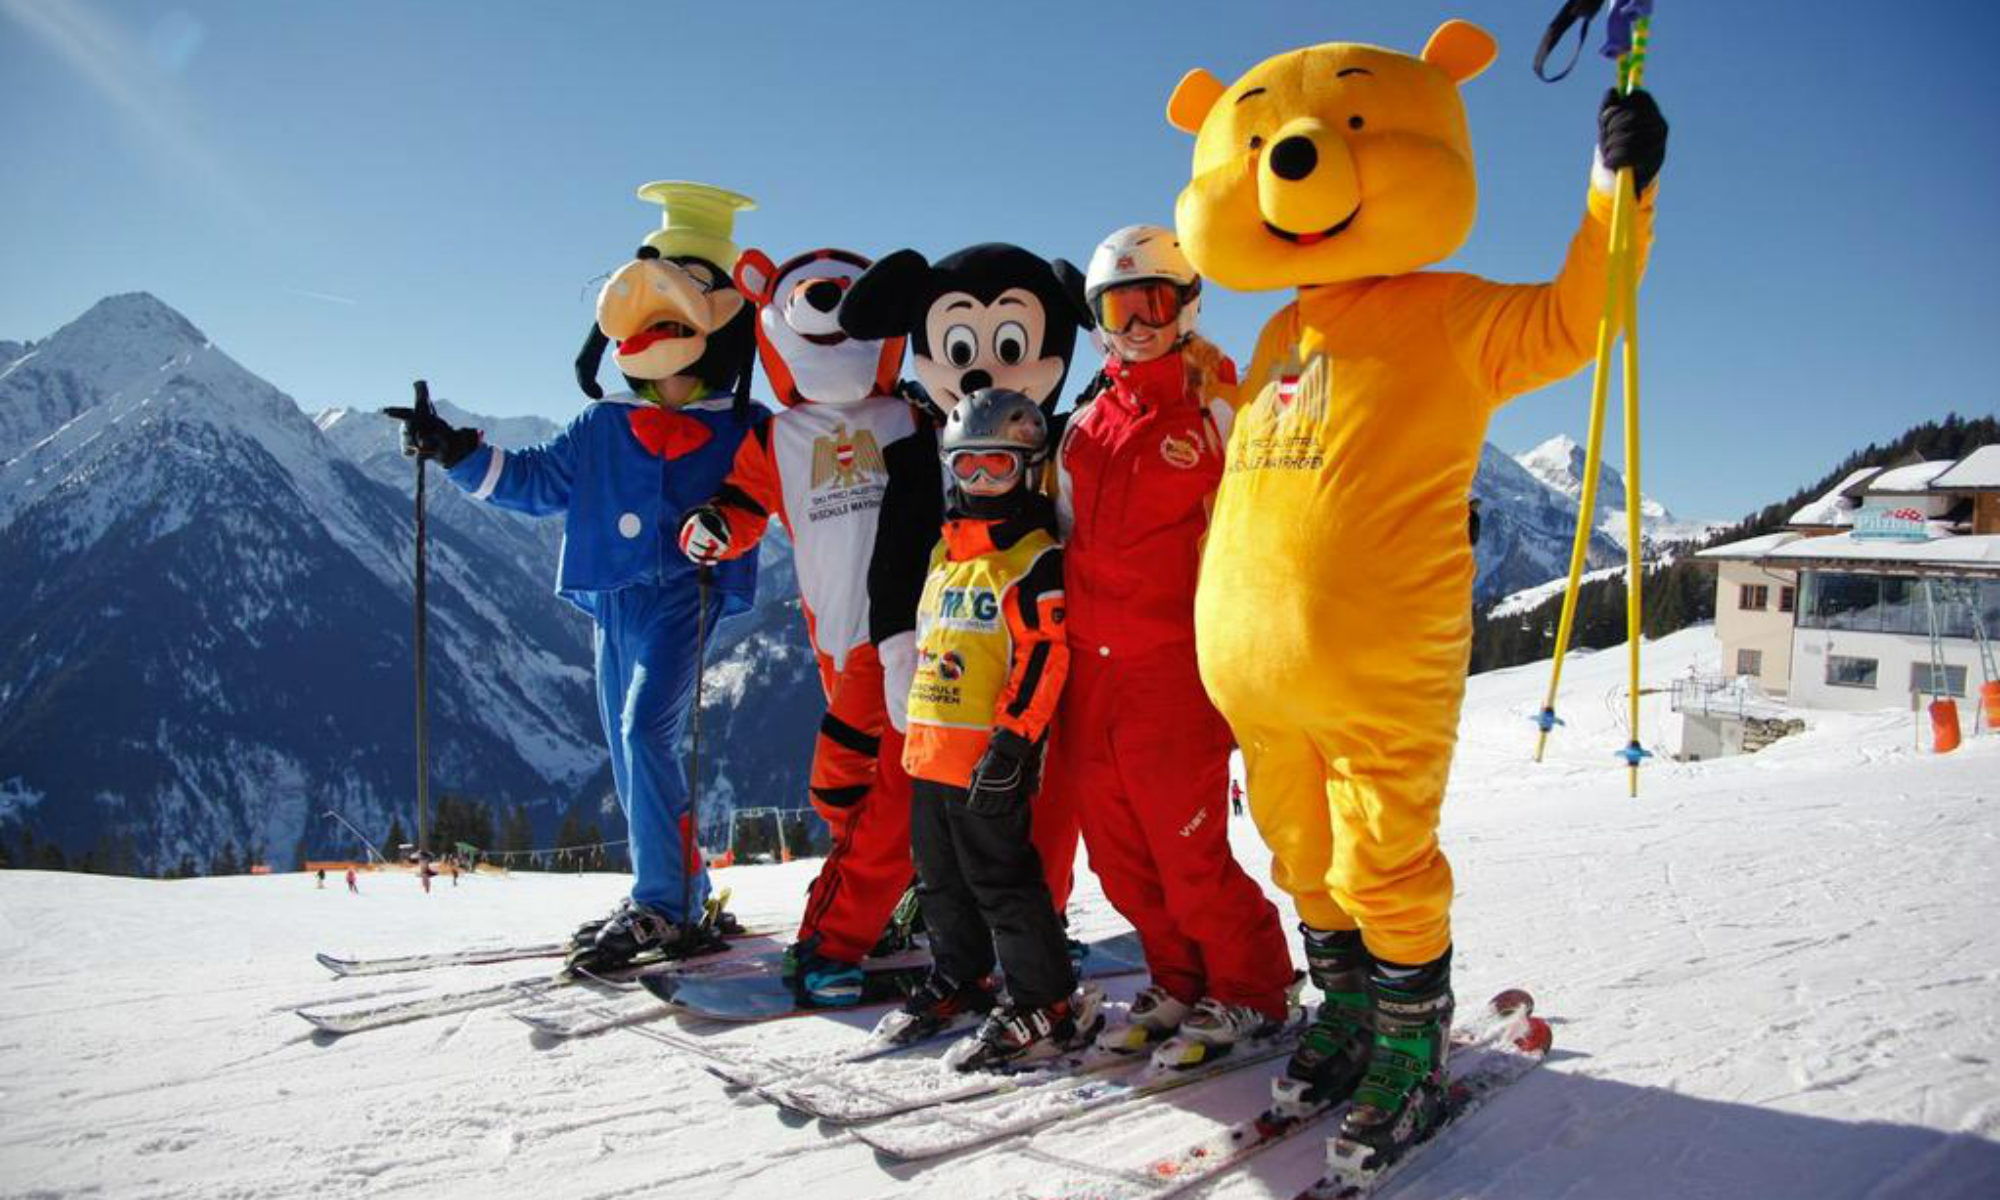 De mascottes van de skischolen van Mayrhofen met een skileraar en leerling.